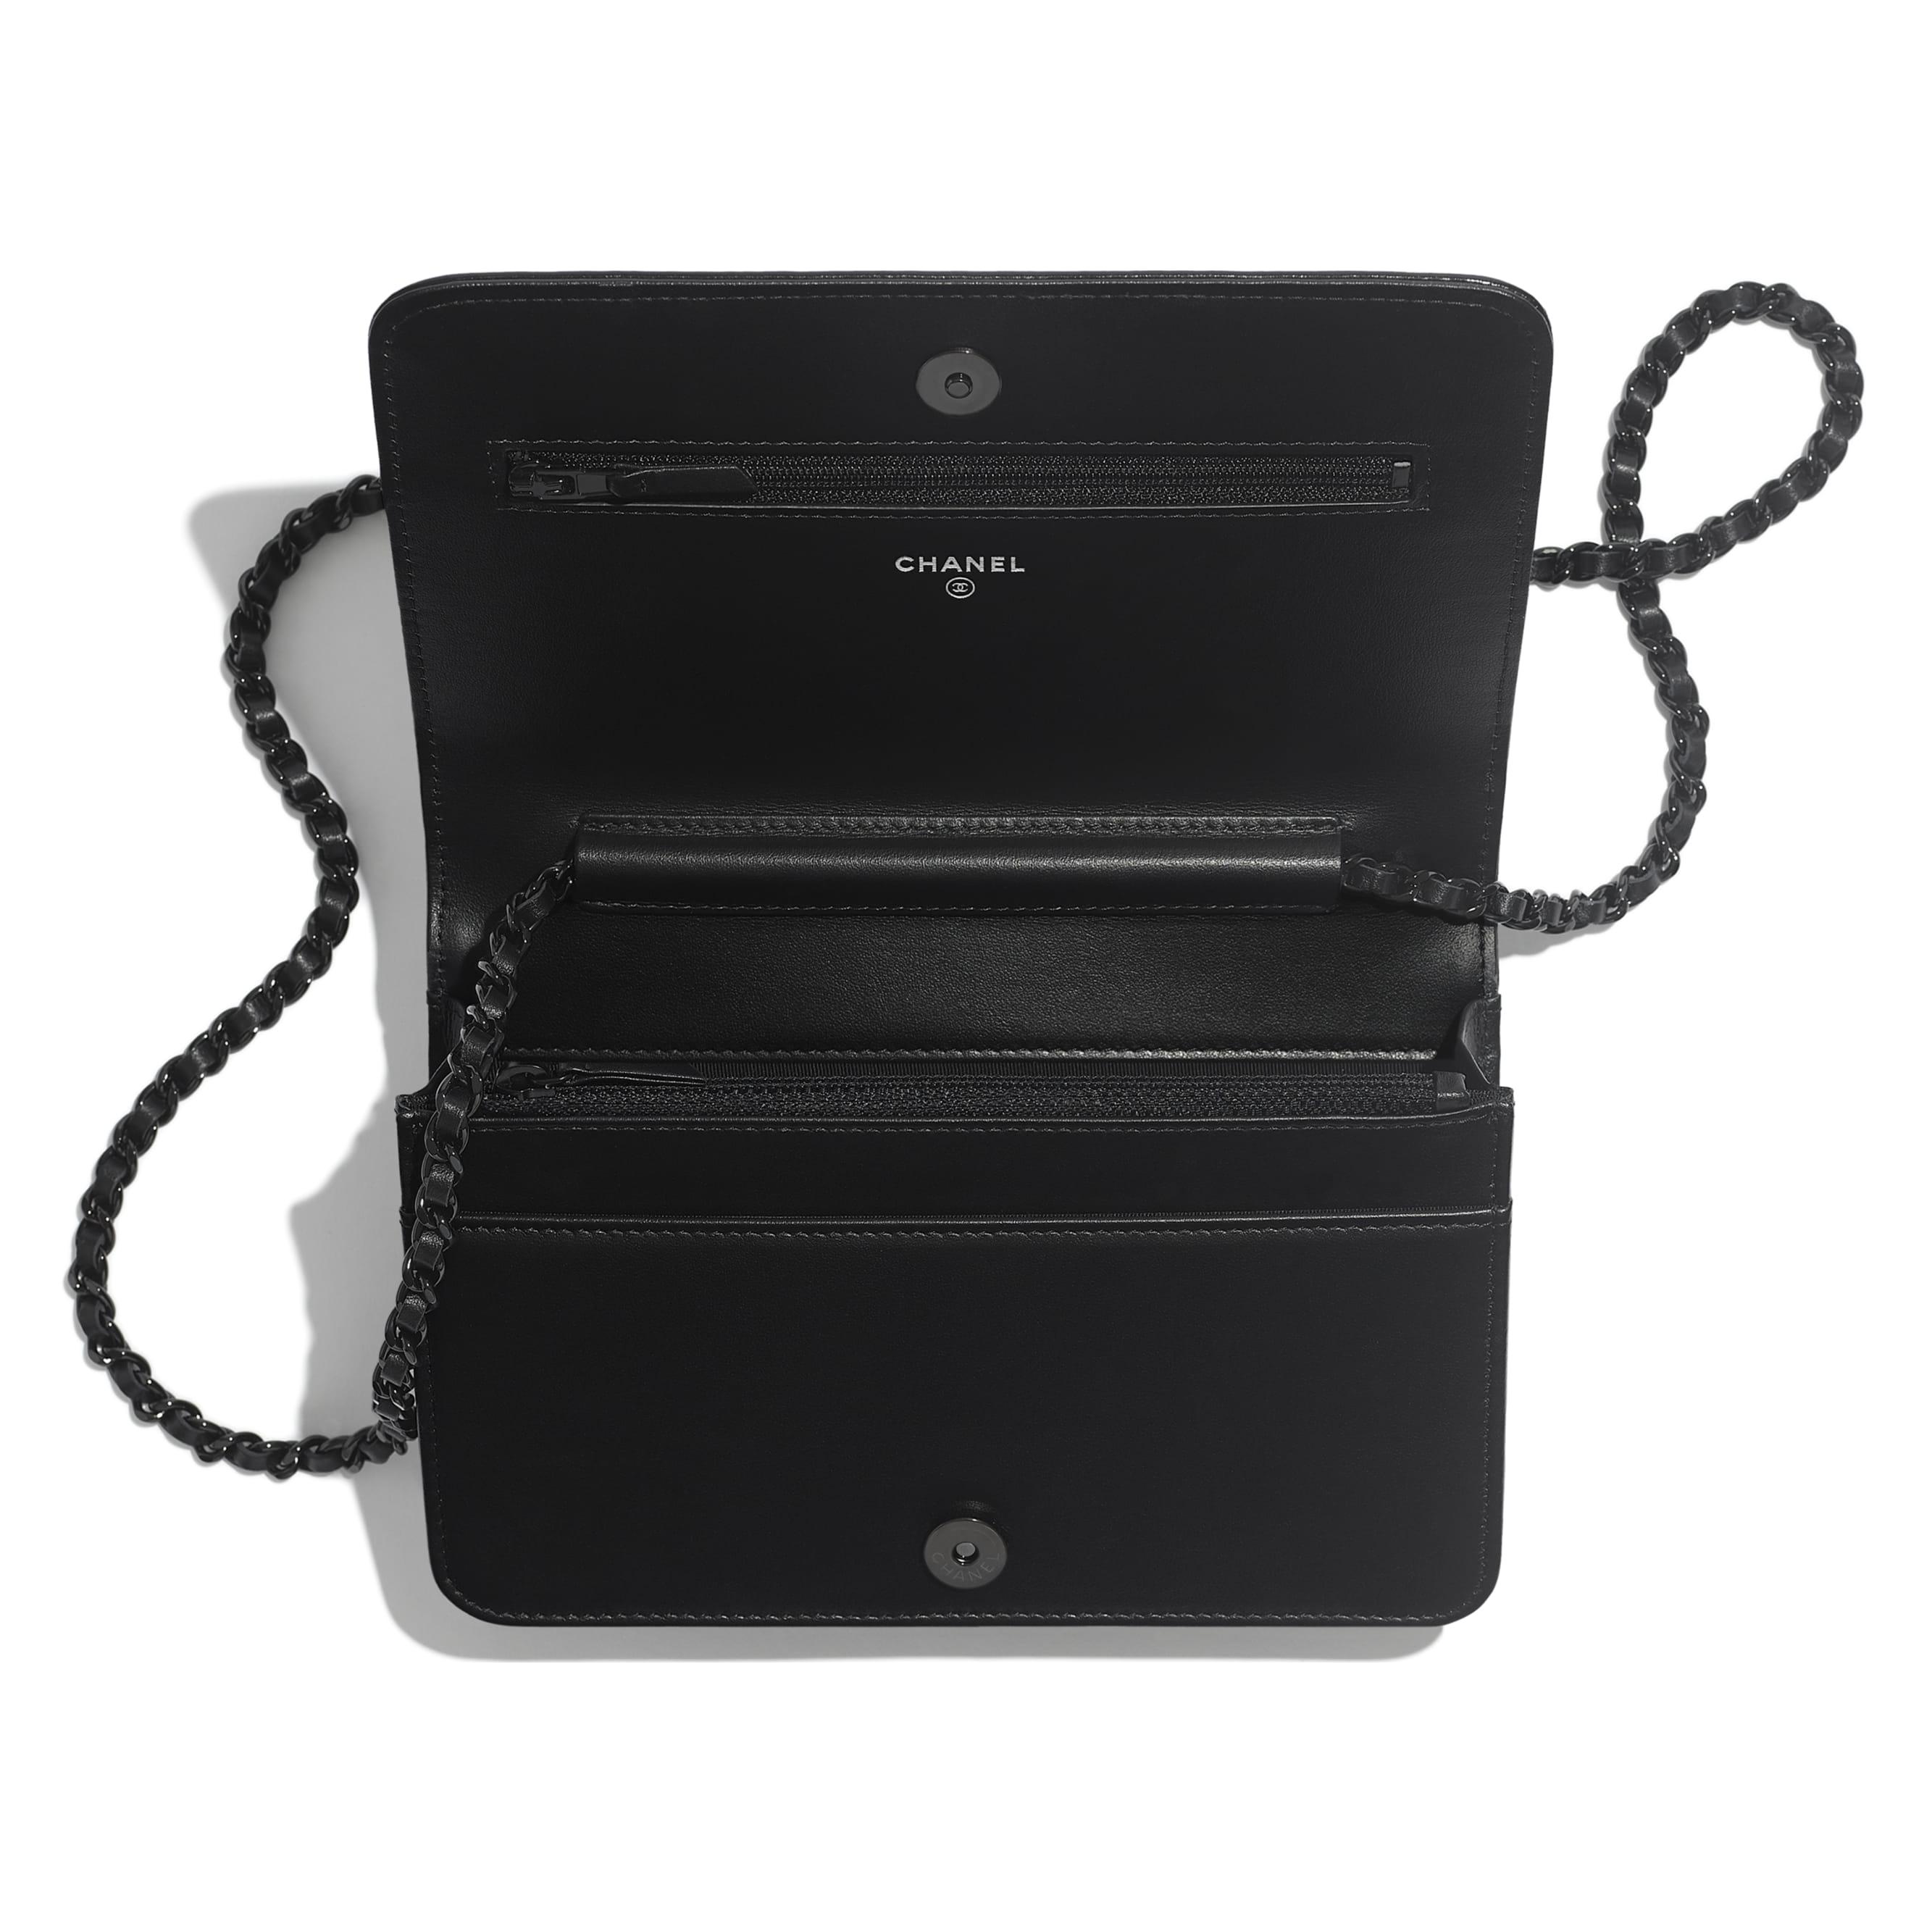 Клатч на цепочке - Черный - Состаренная кожа теленка, гладкая кожа теленка и черный металл - CHANEL - Другое изображение - посмотреть изображение стандартного размера